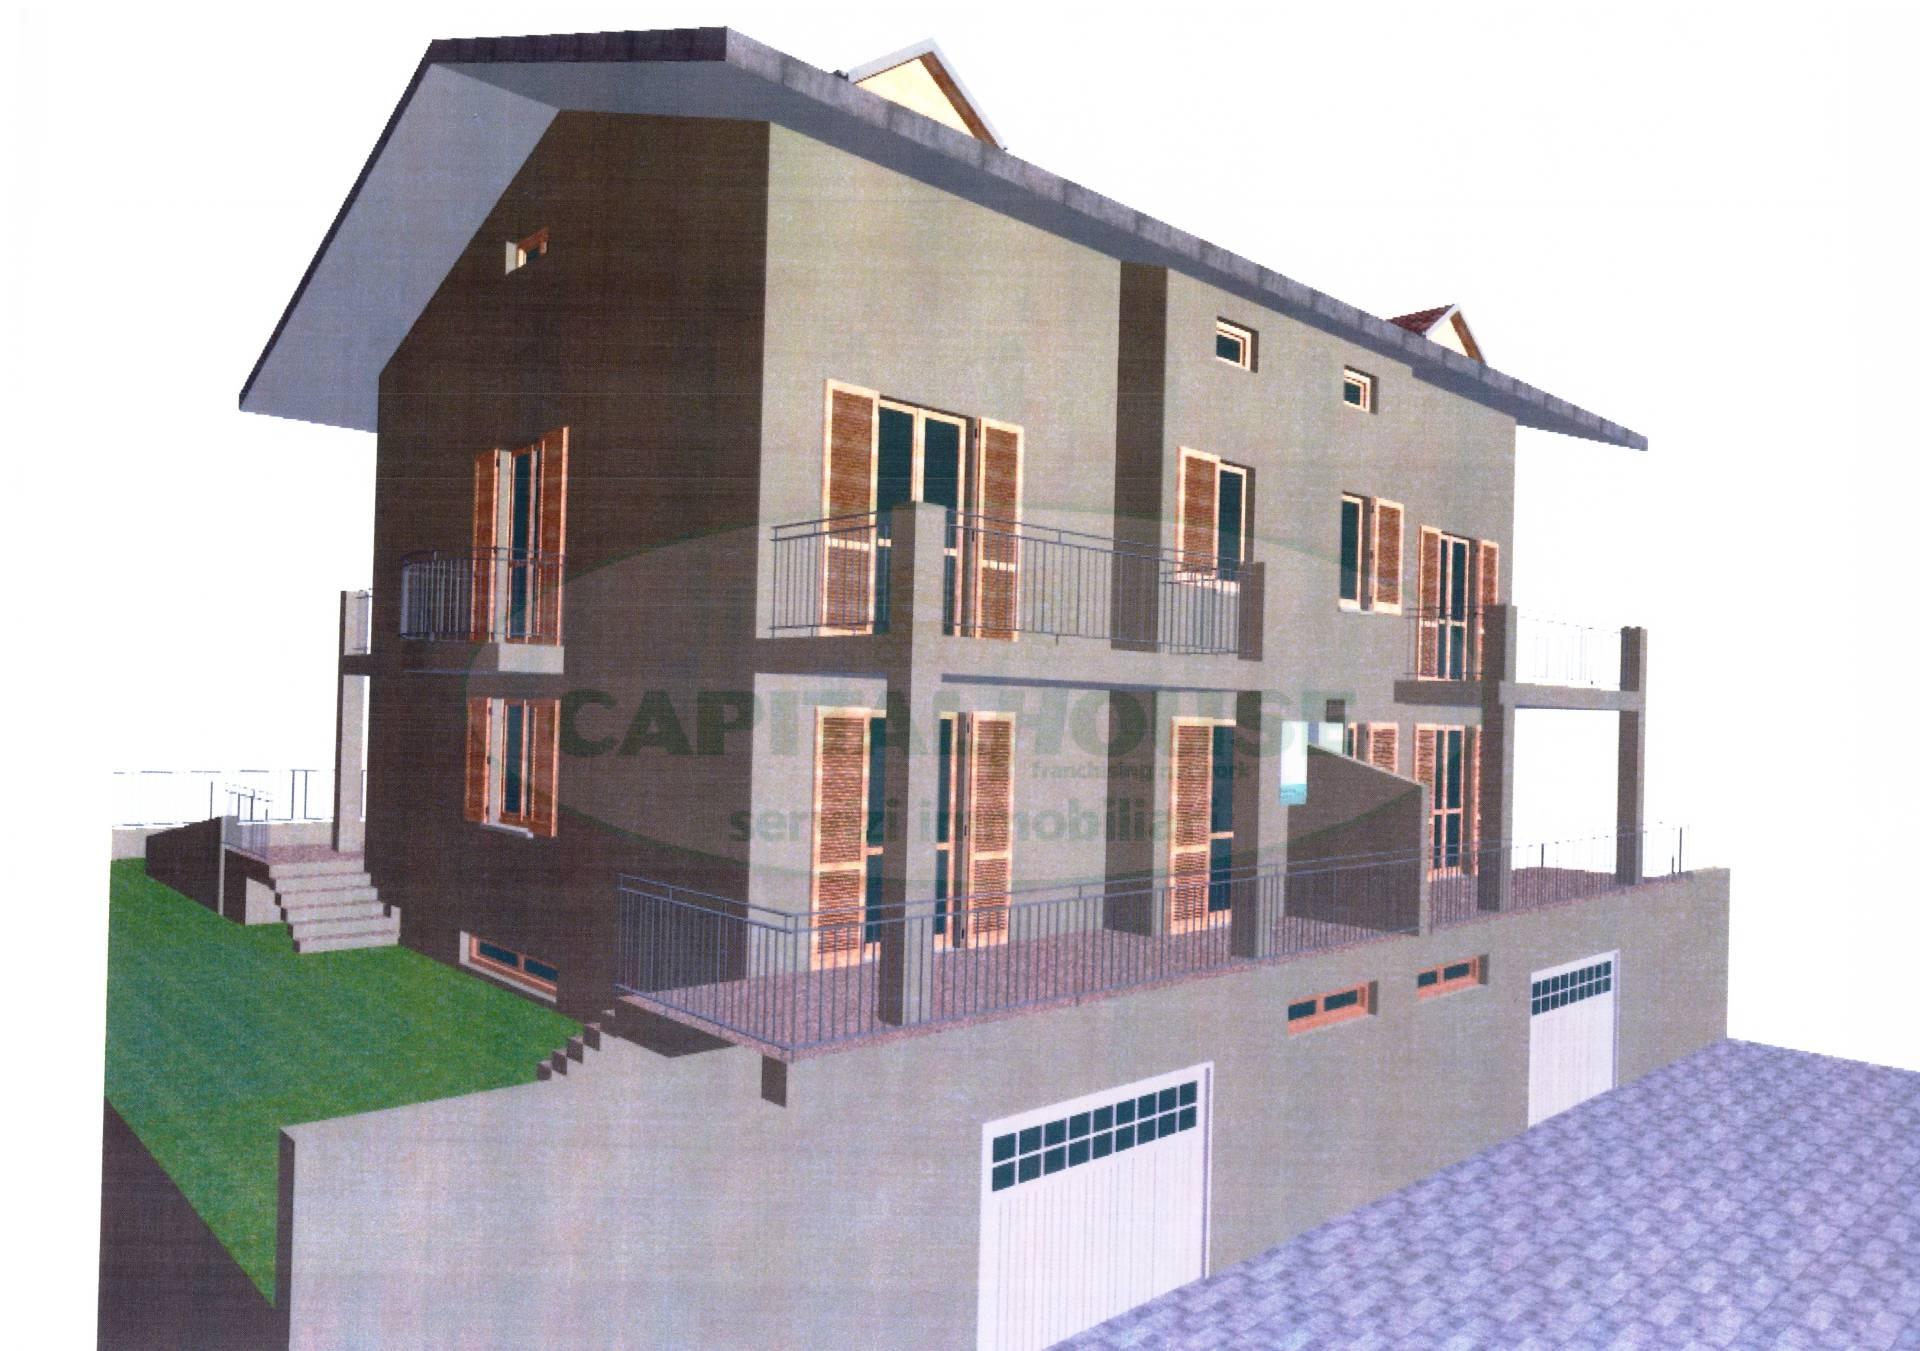 Villa in vendita a Avella, 6 locali, prezzo € 300.000 | Cambio Casa.it